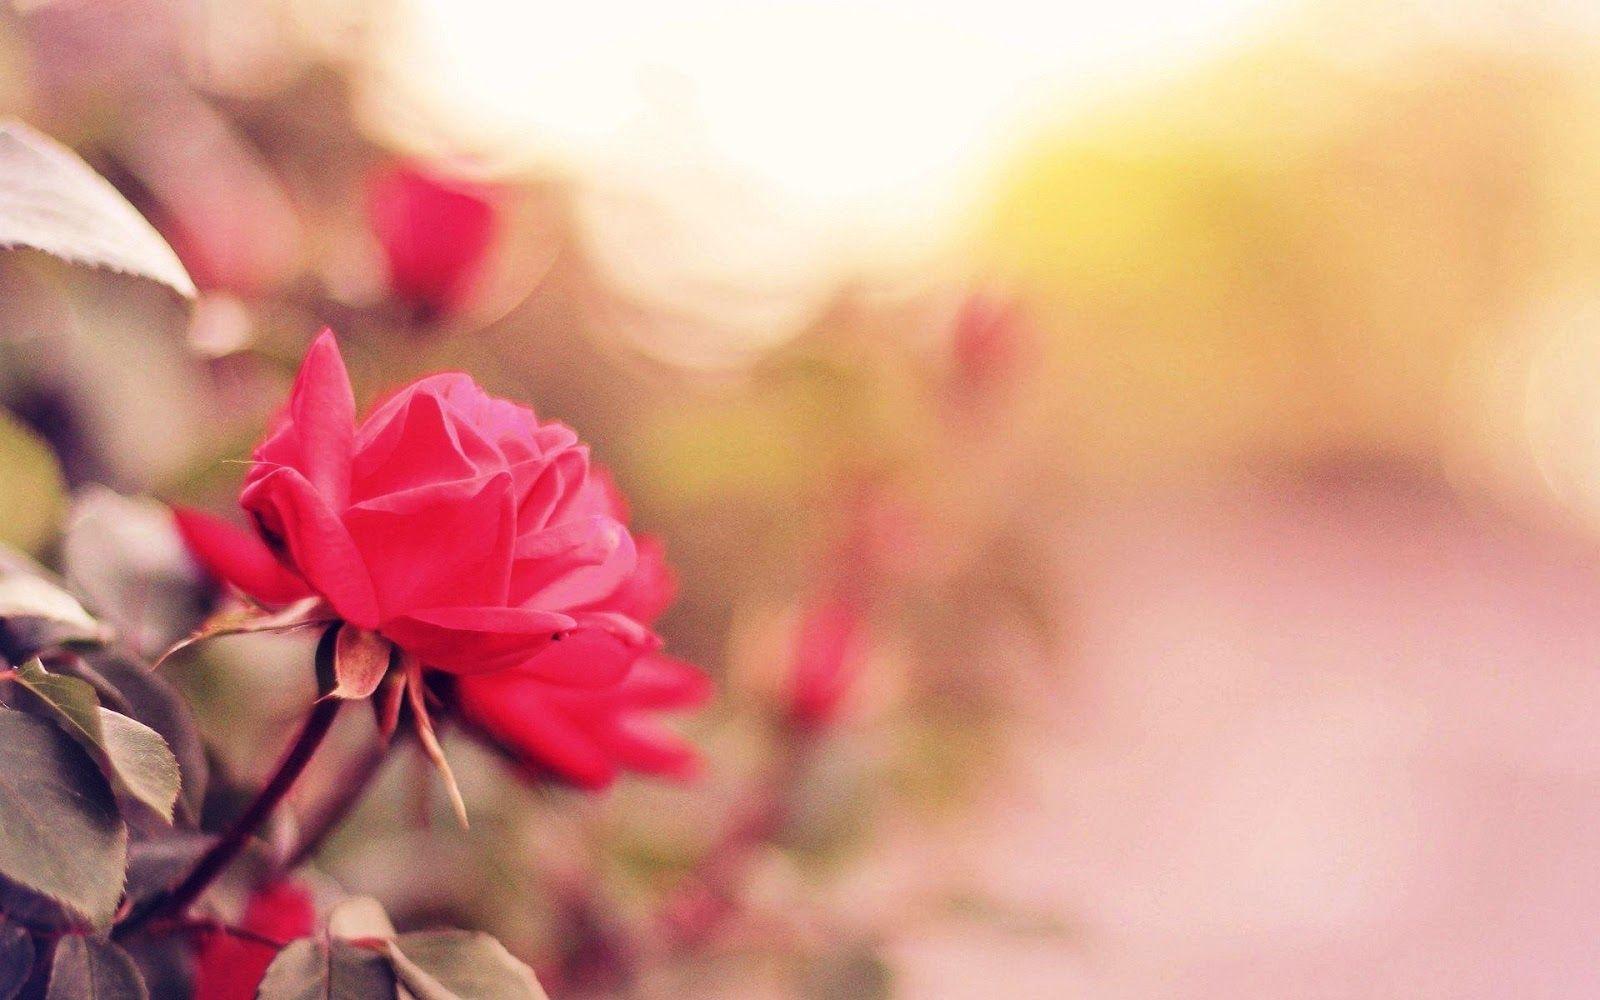 Koleksi Gambar Bunga Mawar Terindah Yang Belum Ada Ketahui Free